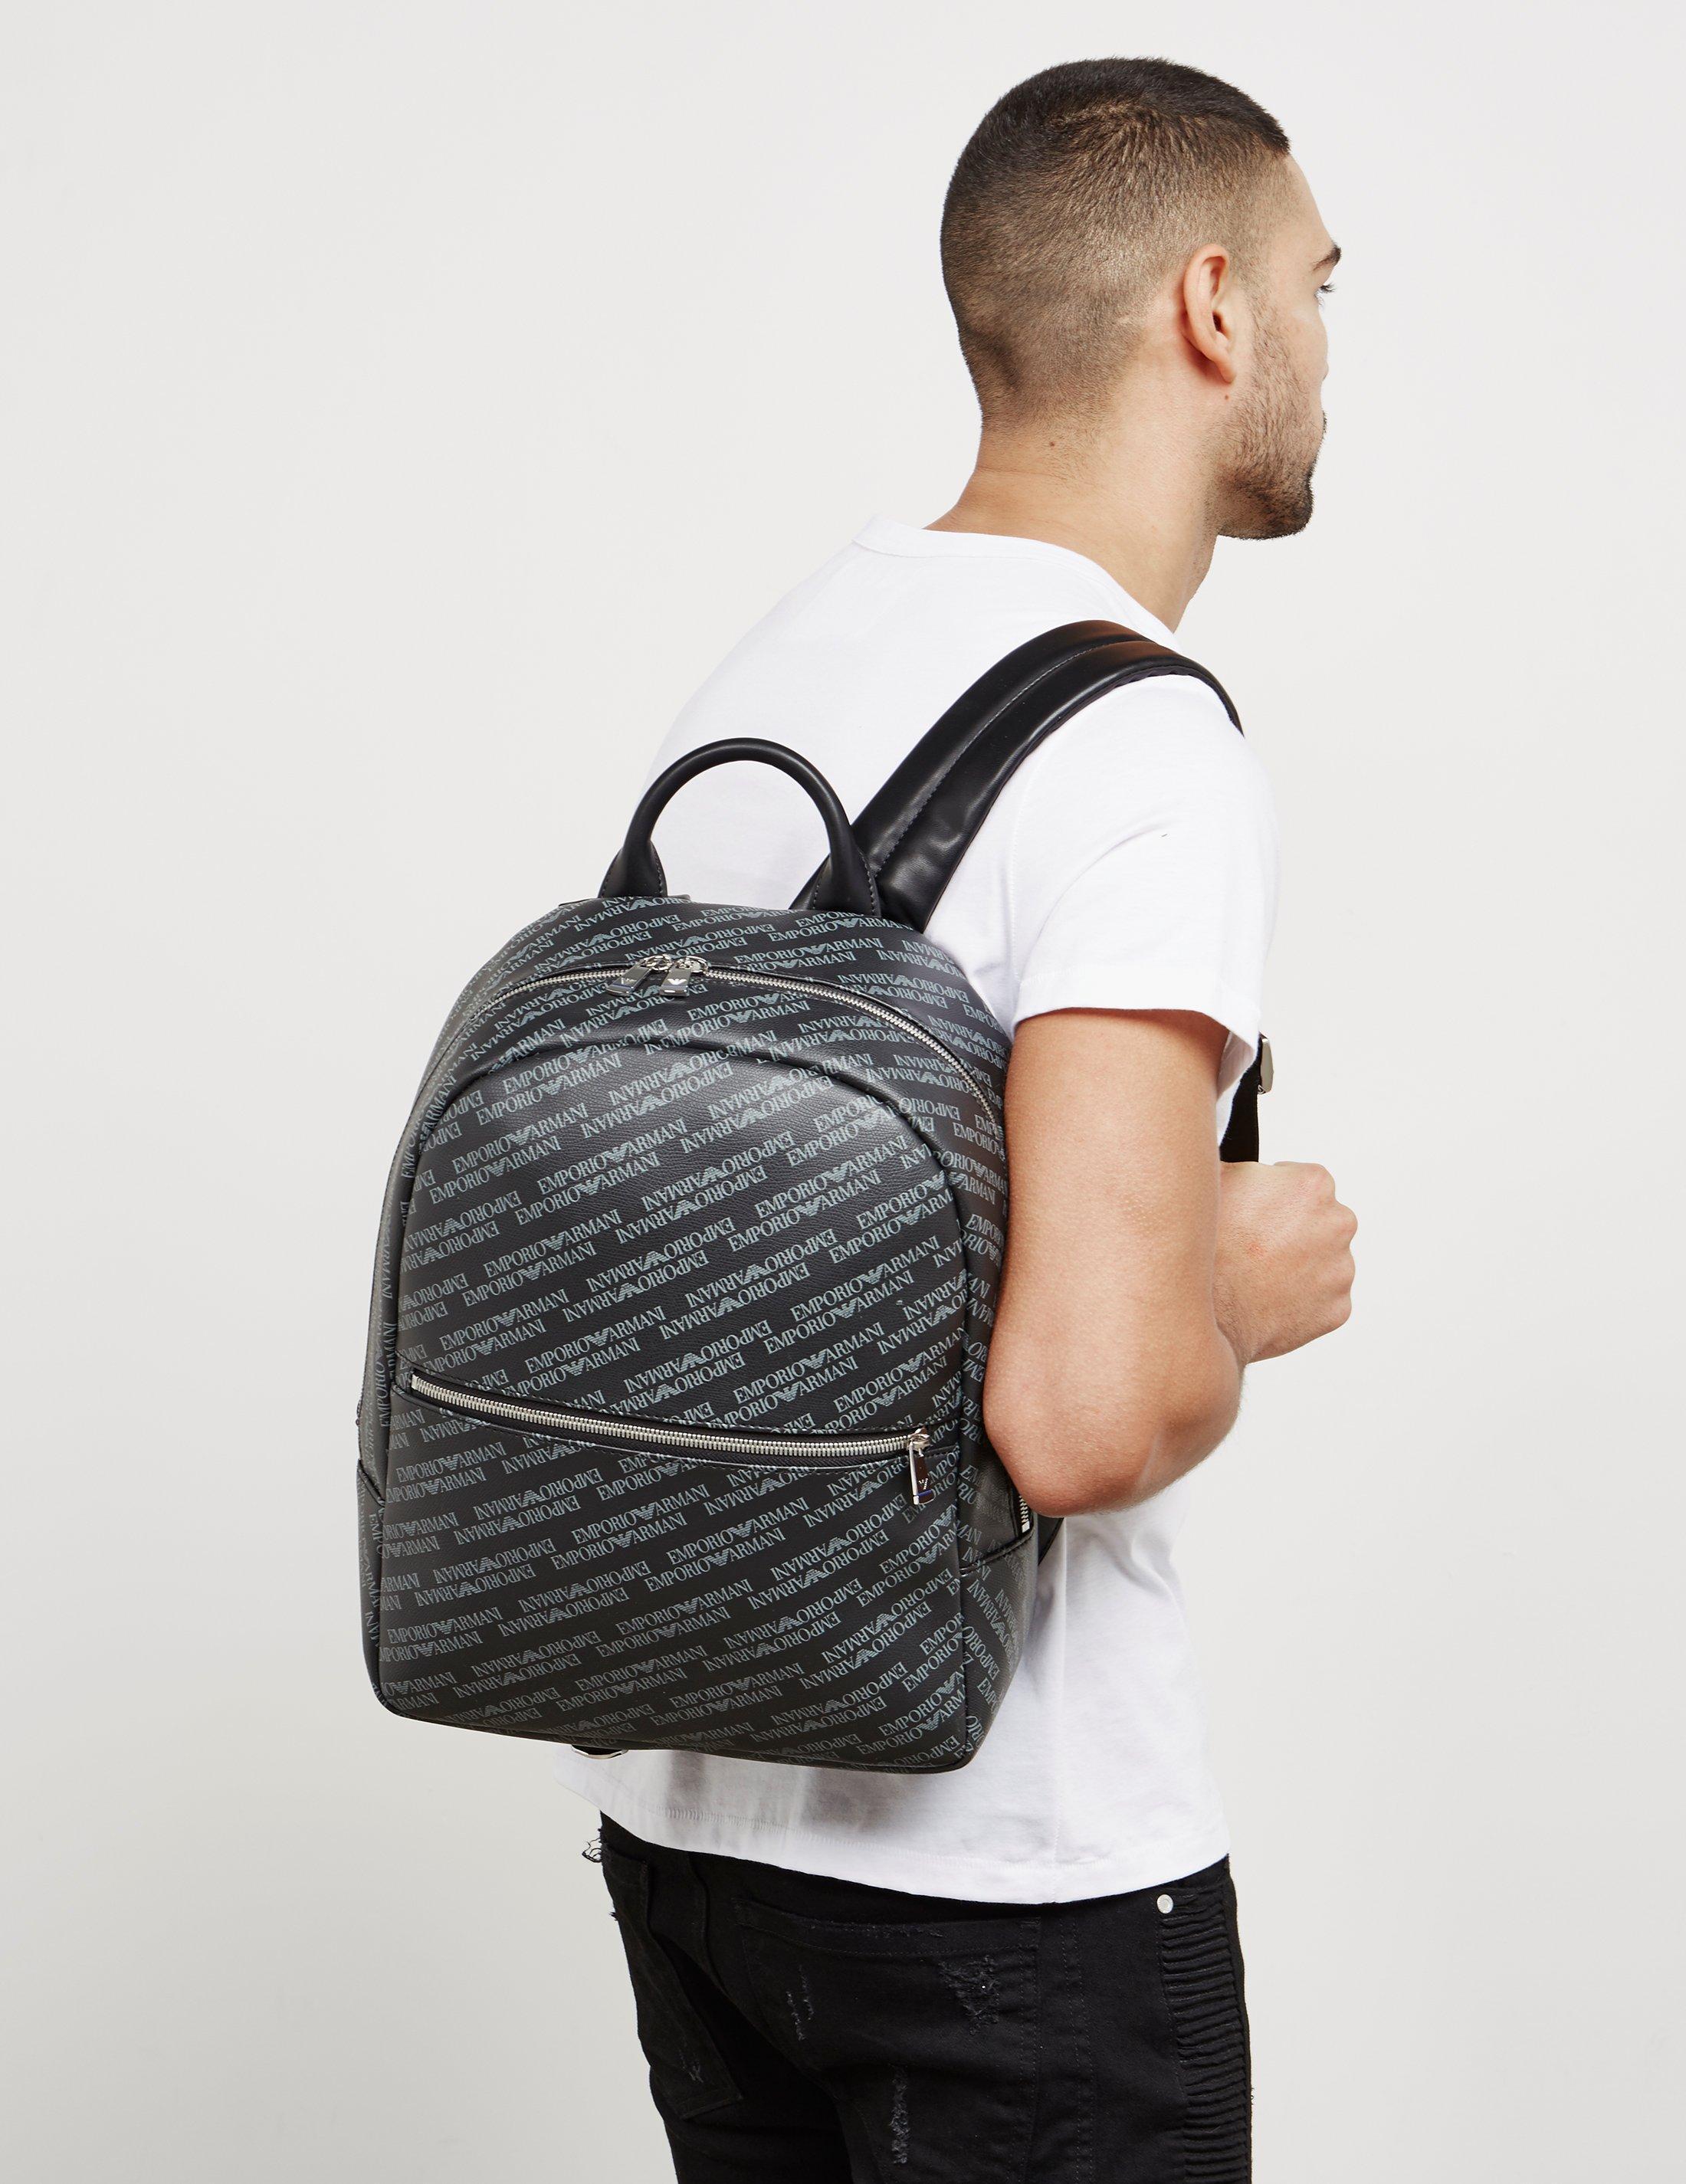 Lyst - Emporio Armani Mens All Over Print Backpack Black in Black ... ad44de4da63f9